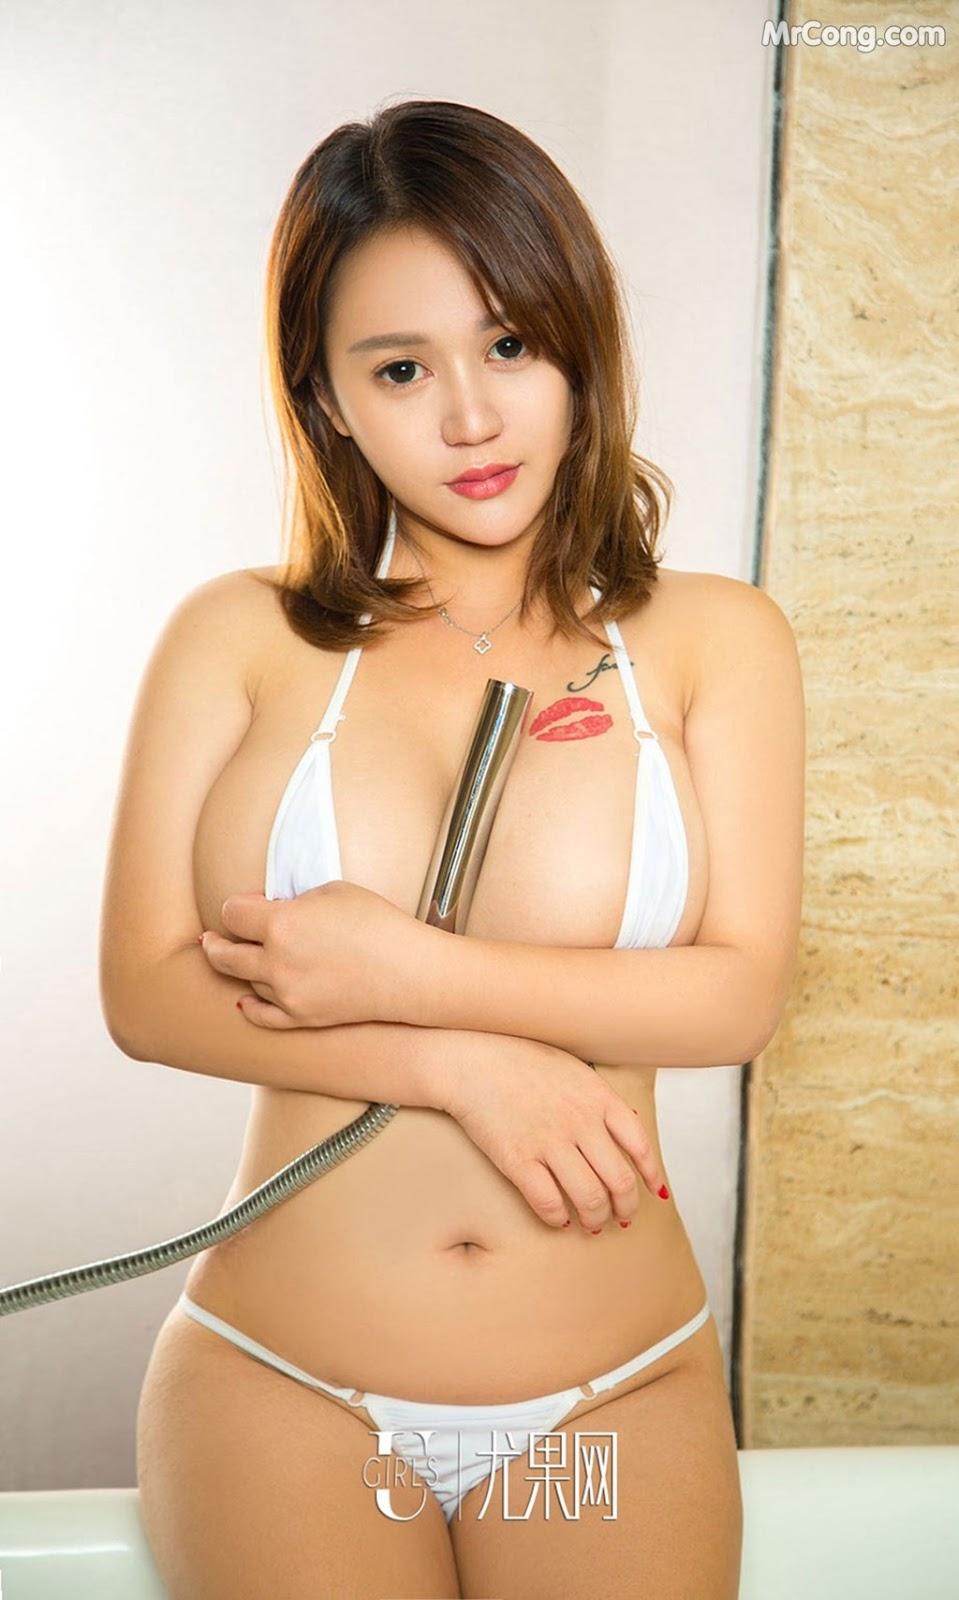 Image UGIRLS-Ai-You-Wu-App-No.913-Xiao-Meng-Meng-MrCong.com-003 in post UGIRLS – Ai You Wu App No.913: Người mẫu Xiao Meng Meng (小梦梦) (40 ảnh)